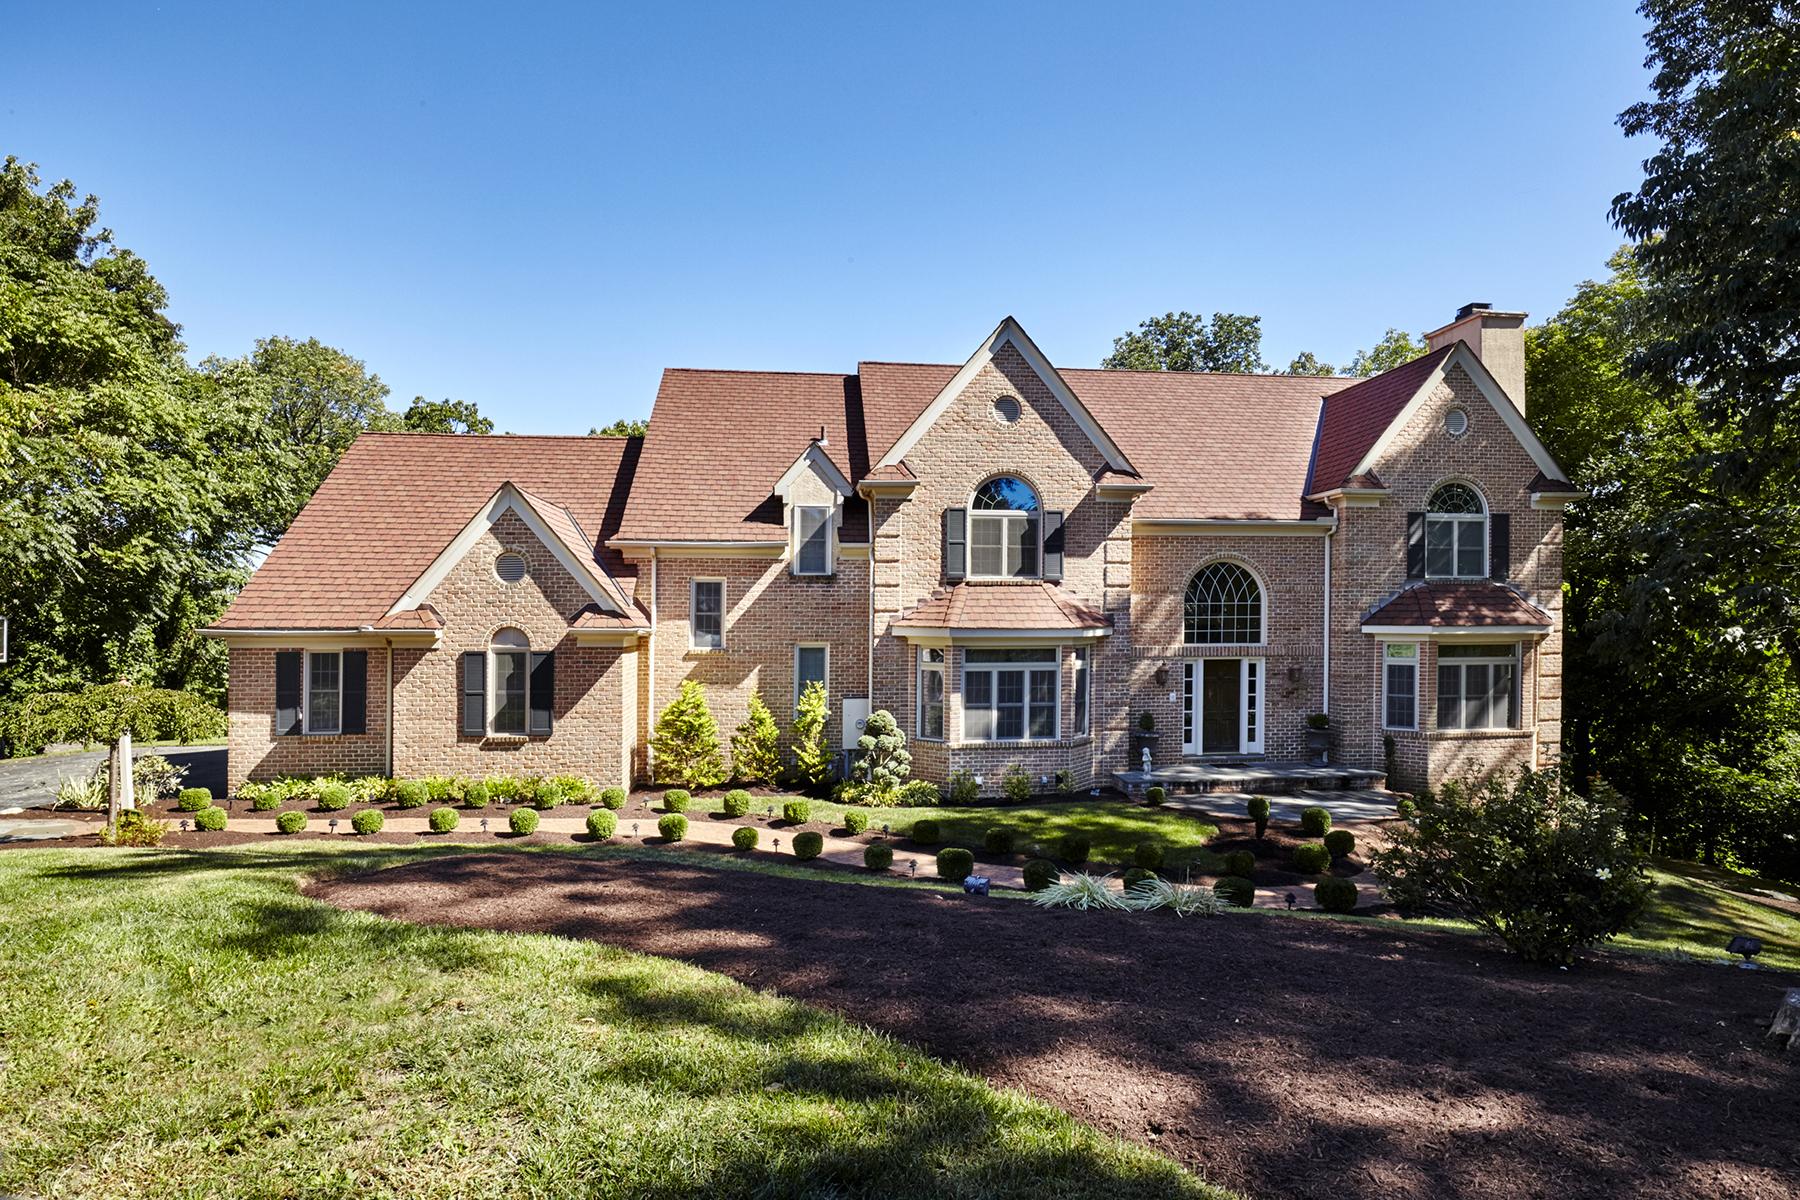 Villa per Vendita alle ore Gladwyne Estate Home 1350 Avignon Drive Gladwyne, Pensilvania, 19035 Stati Uniti